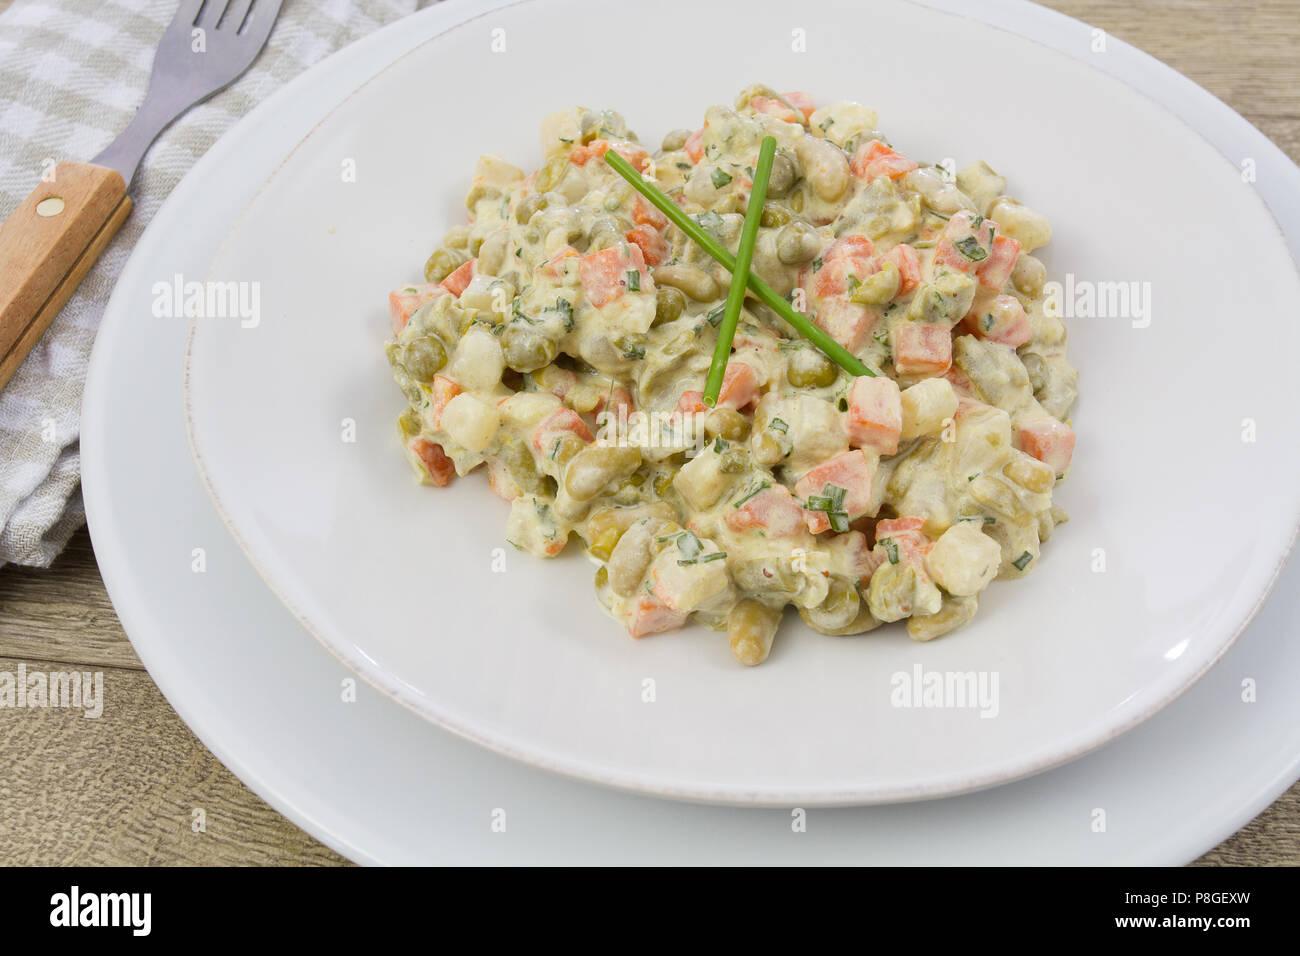 macedonian vegetable - Stock Image